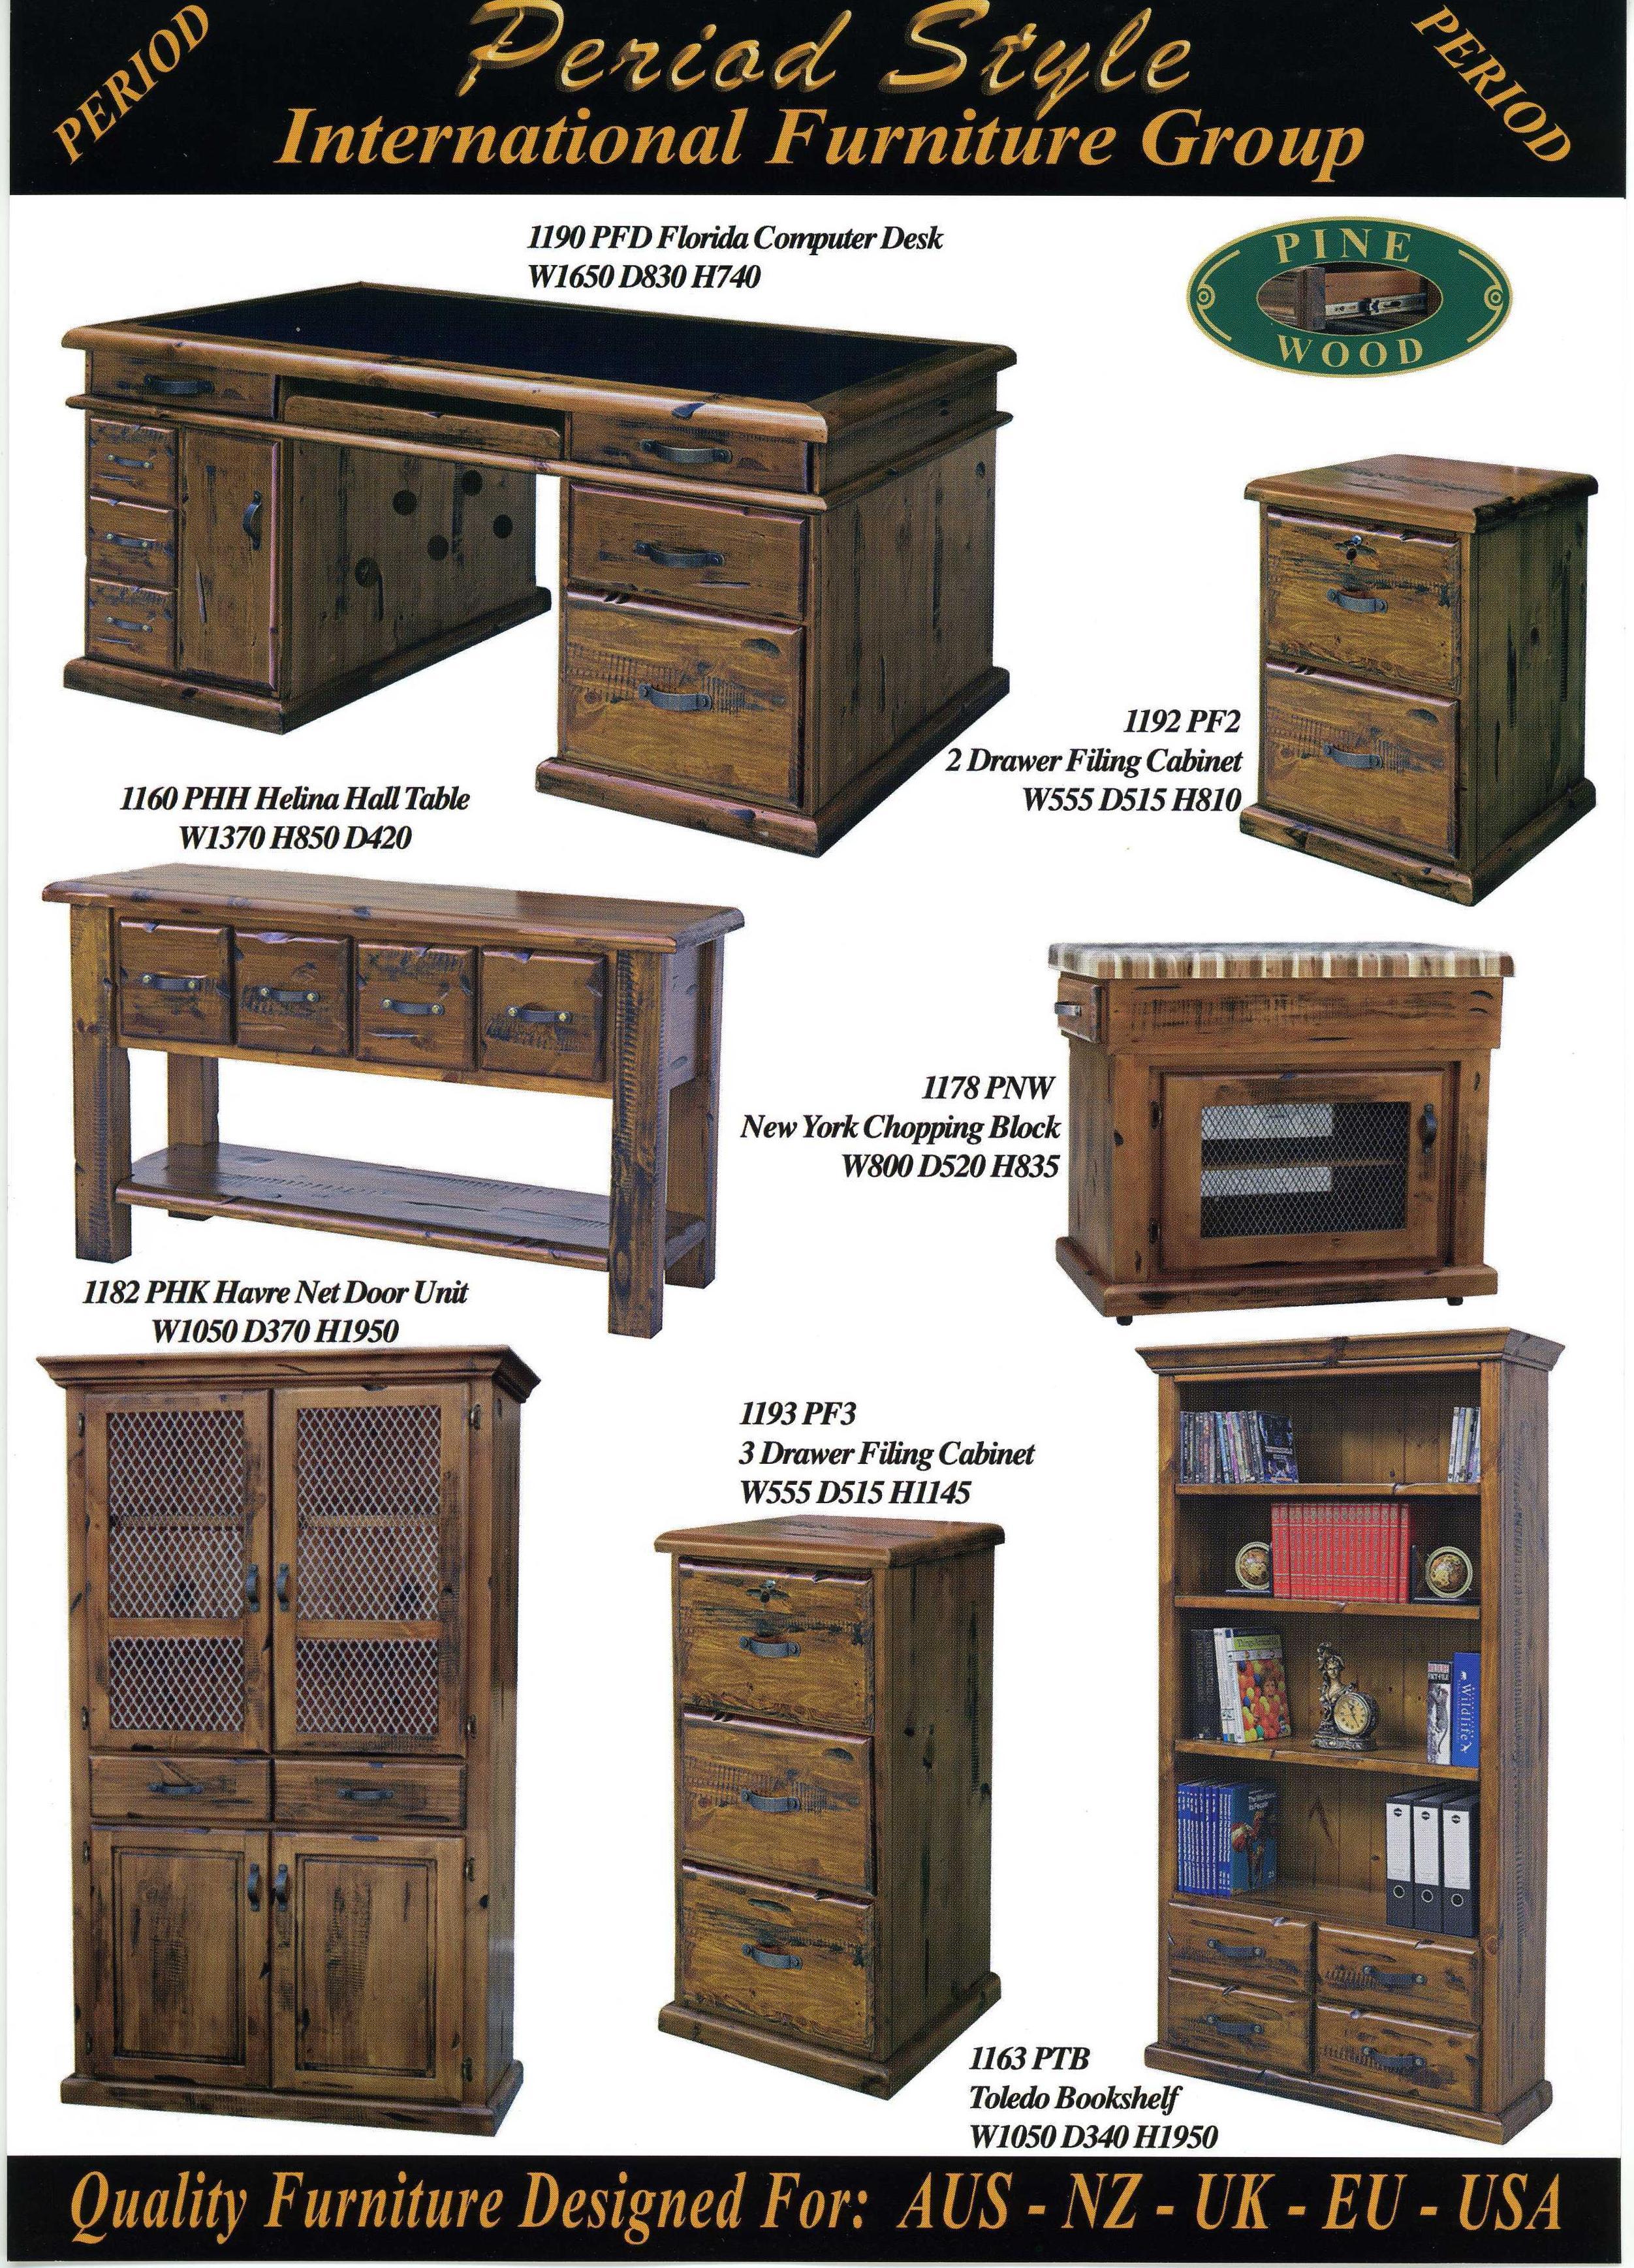 Muebles r sticos bilbao muebles nuevos y usados de remar - Muebles segunda mano bilbao ...